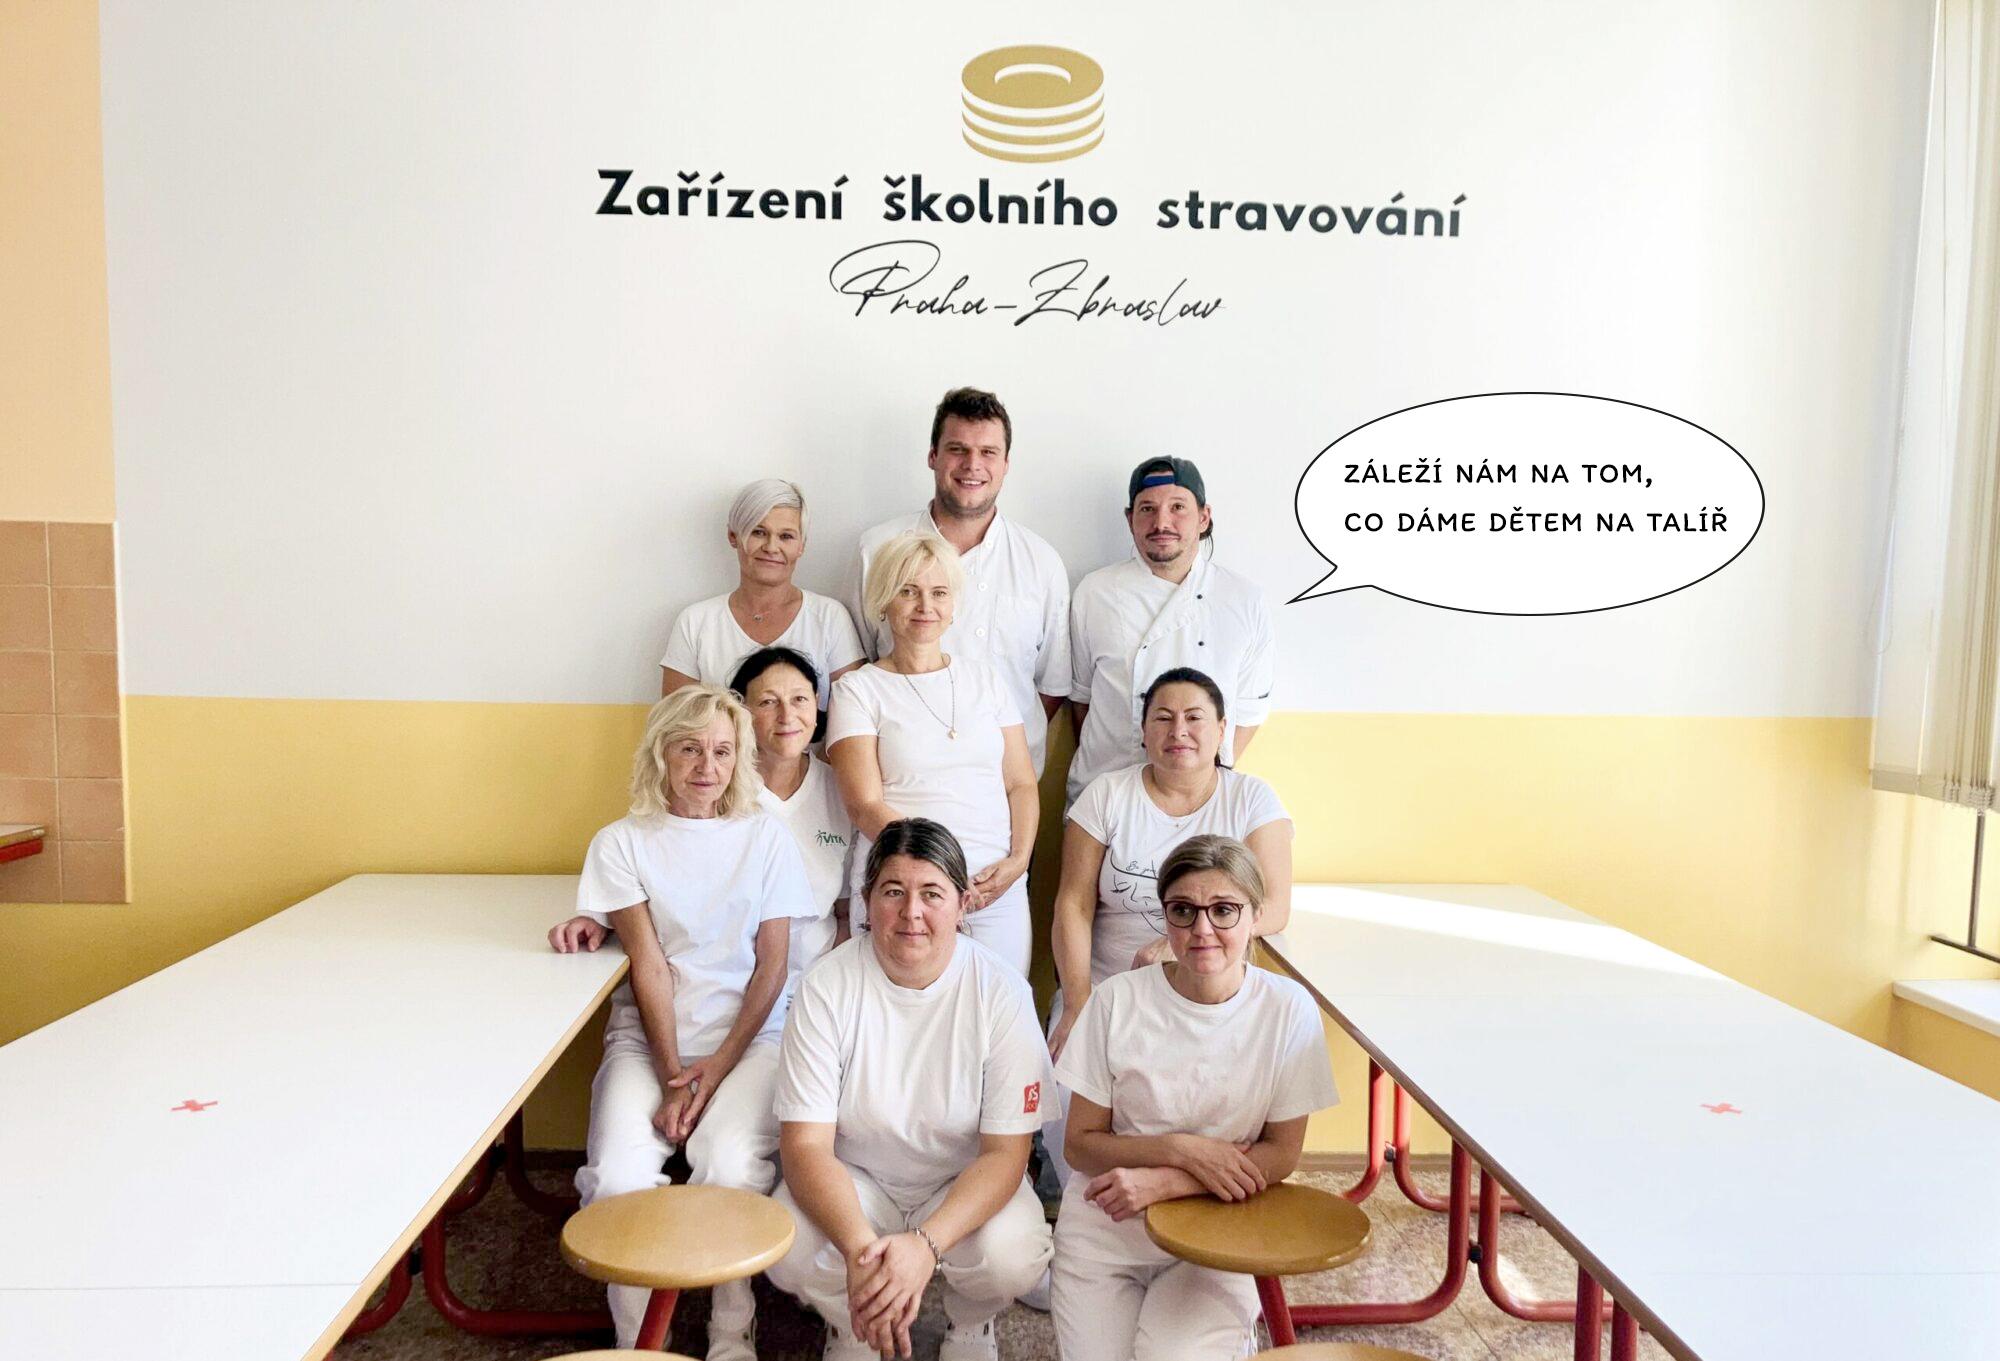 ZSS Zbraslav